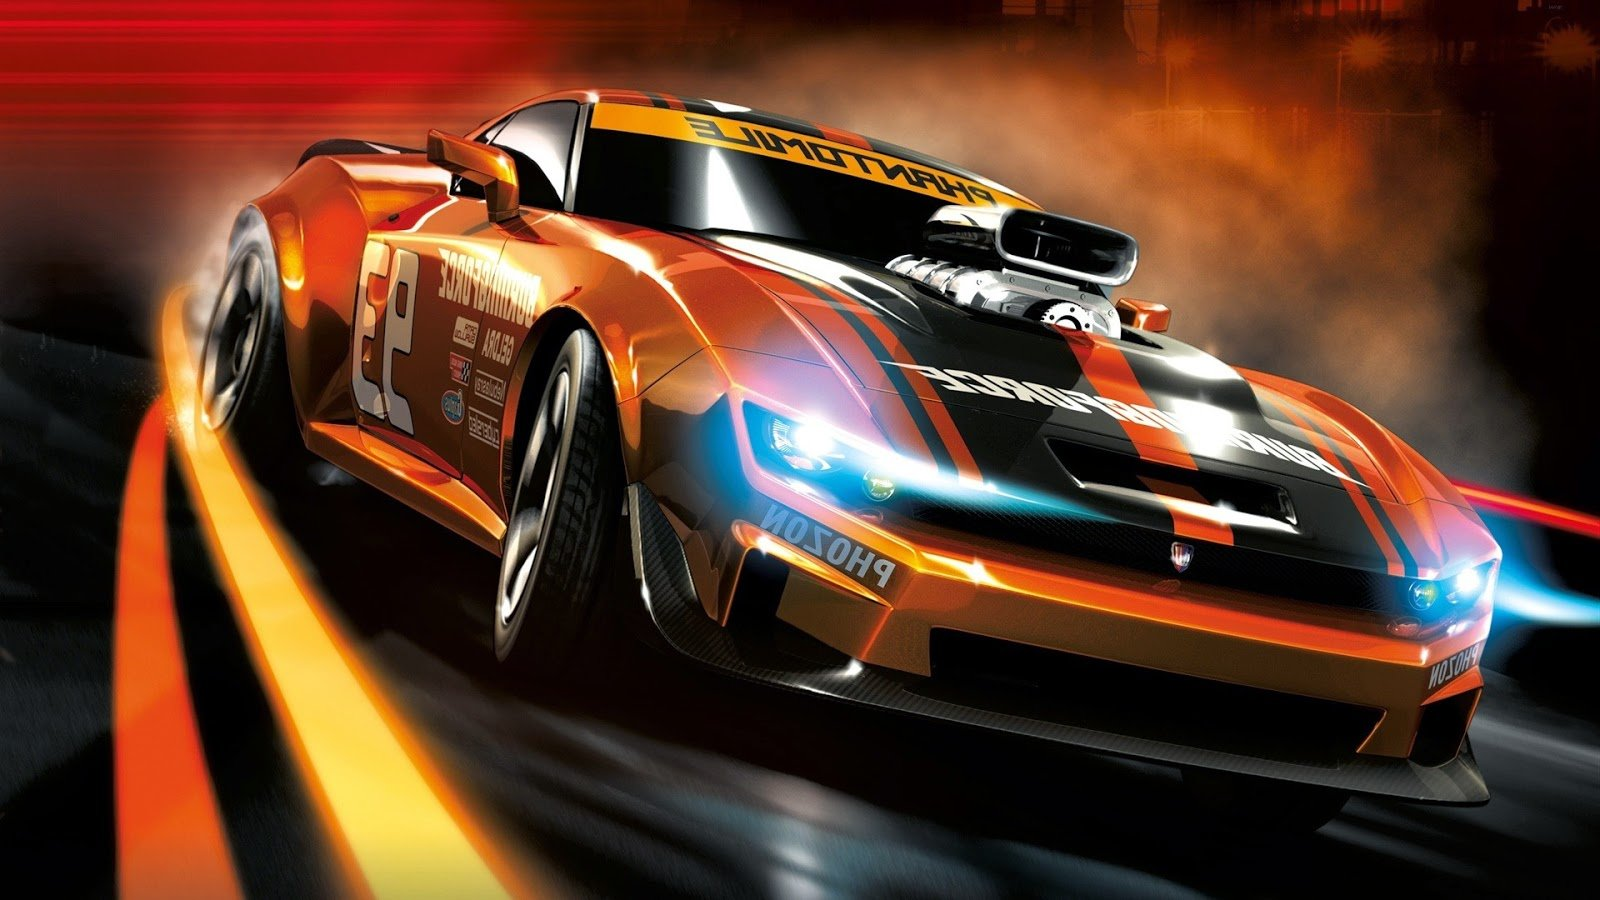 Racing Cars Wallpaper Wallpapersafari